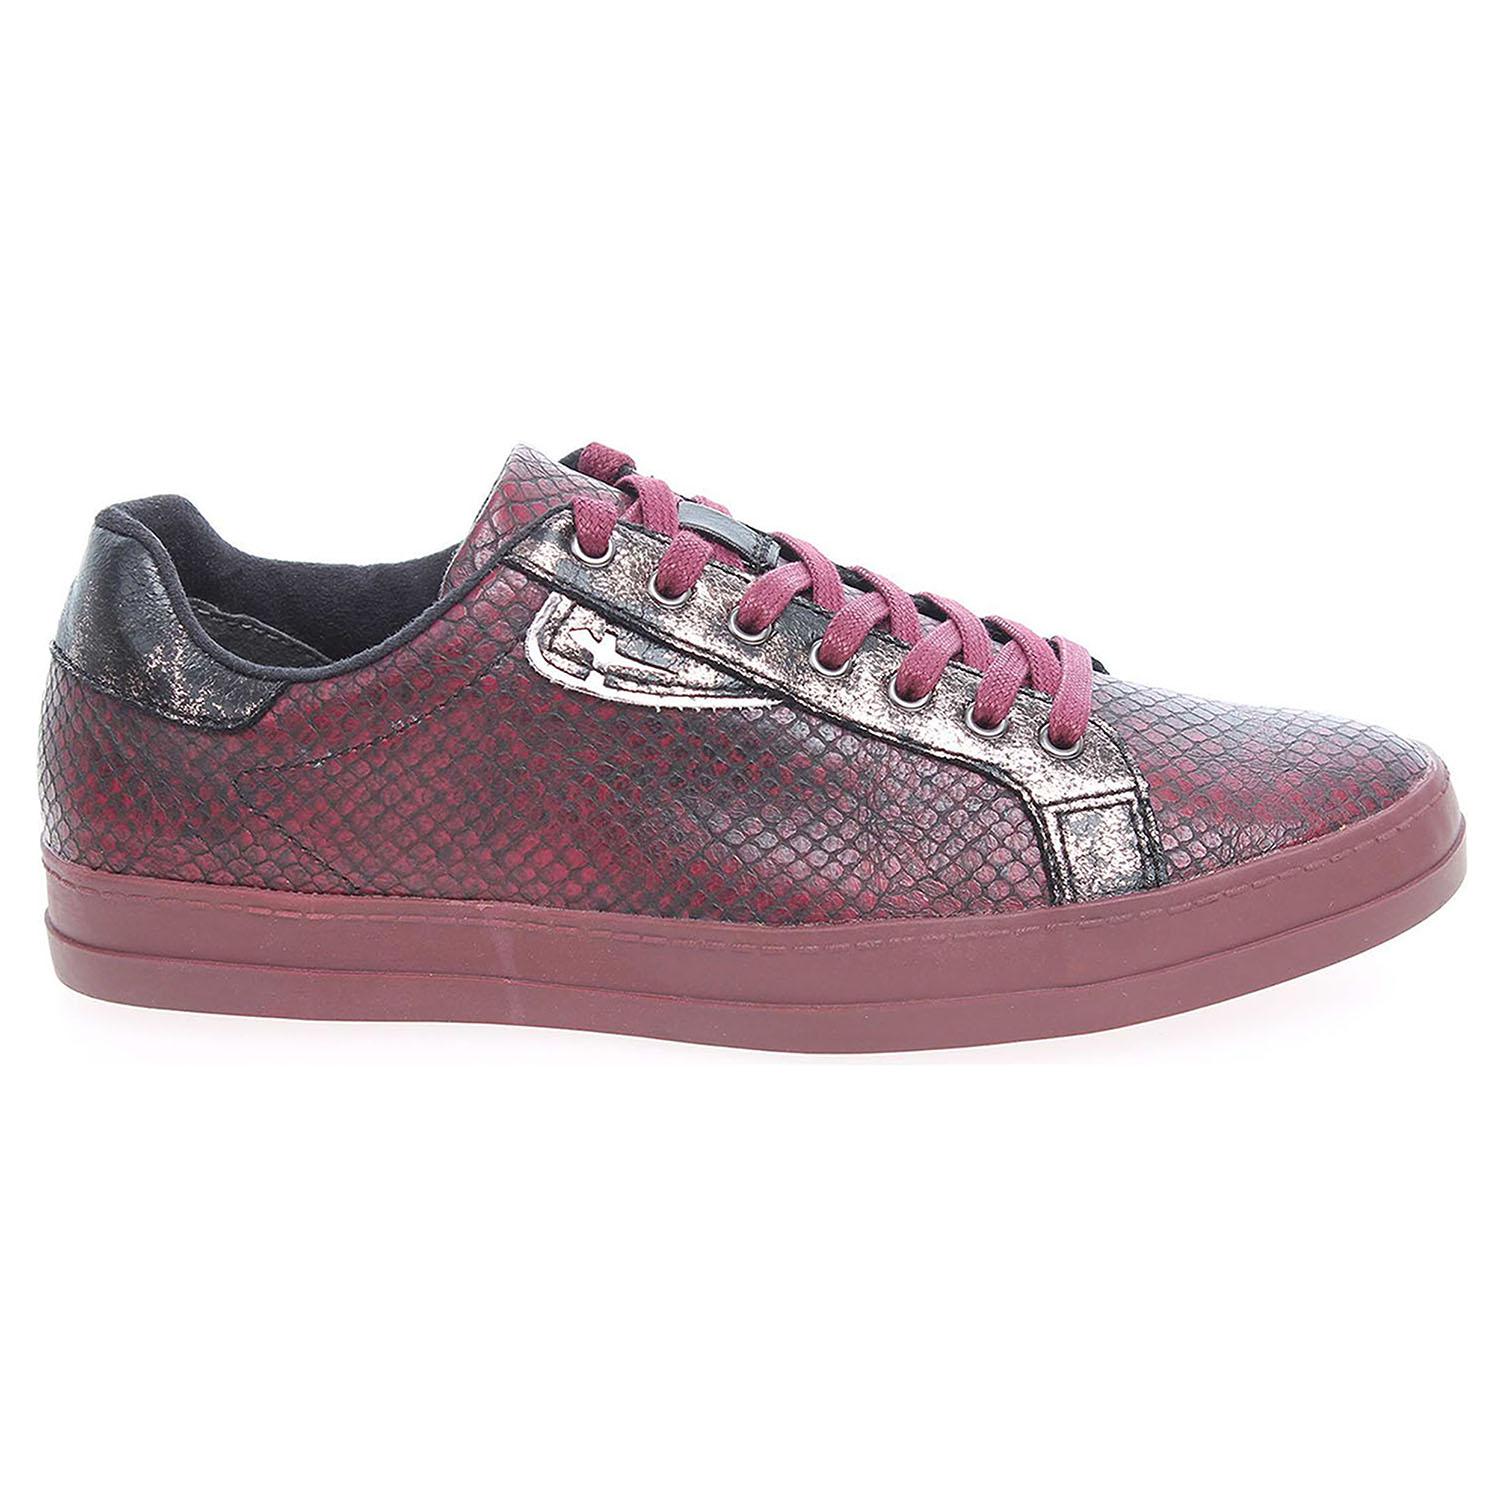 Ecco Tamaris dámská obuv 1-23606-27 vínová 23200576 30329a054be